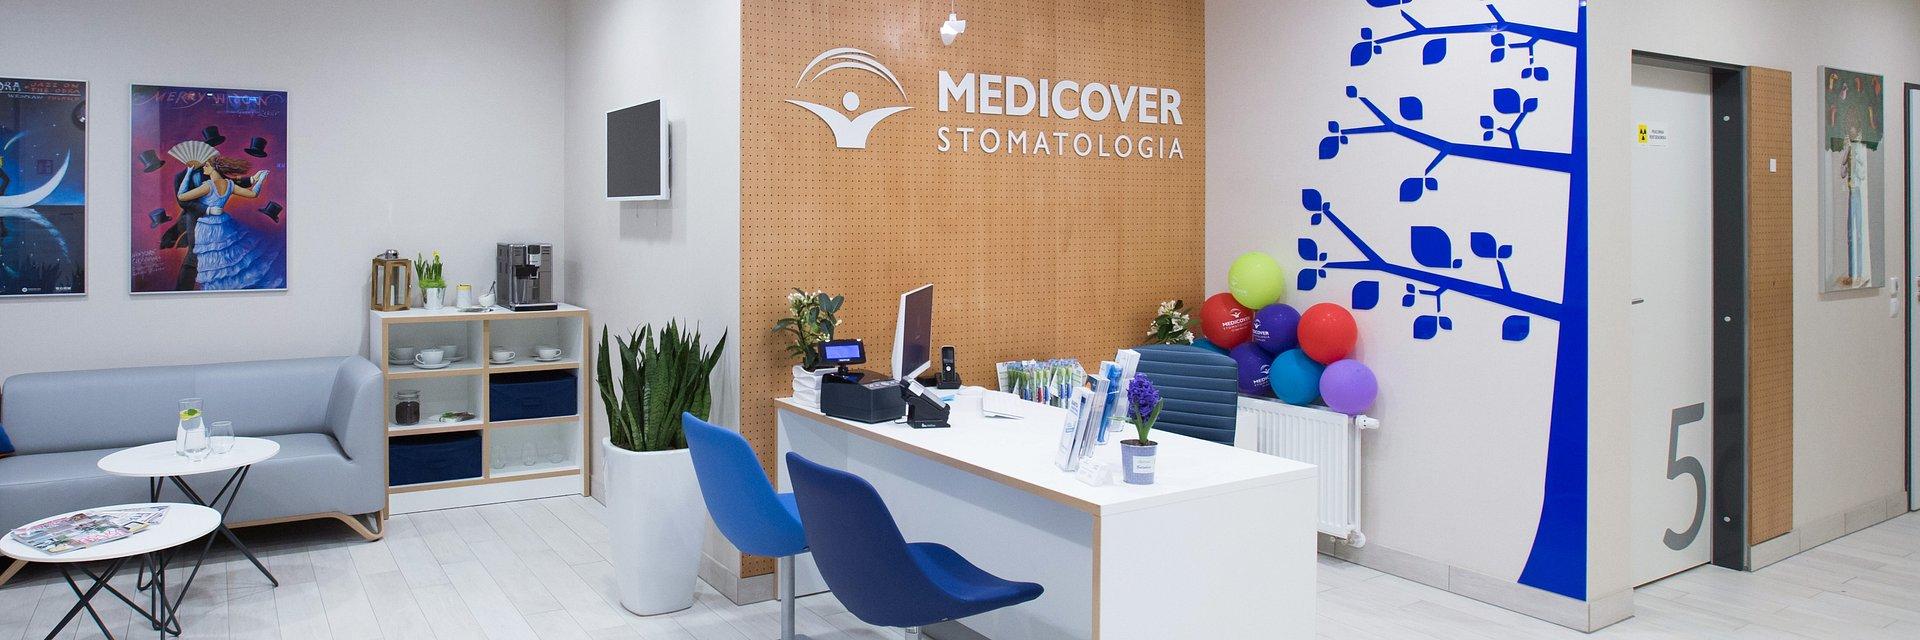 Nowe centrum Medicover Stomatologia w Warszawie